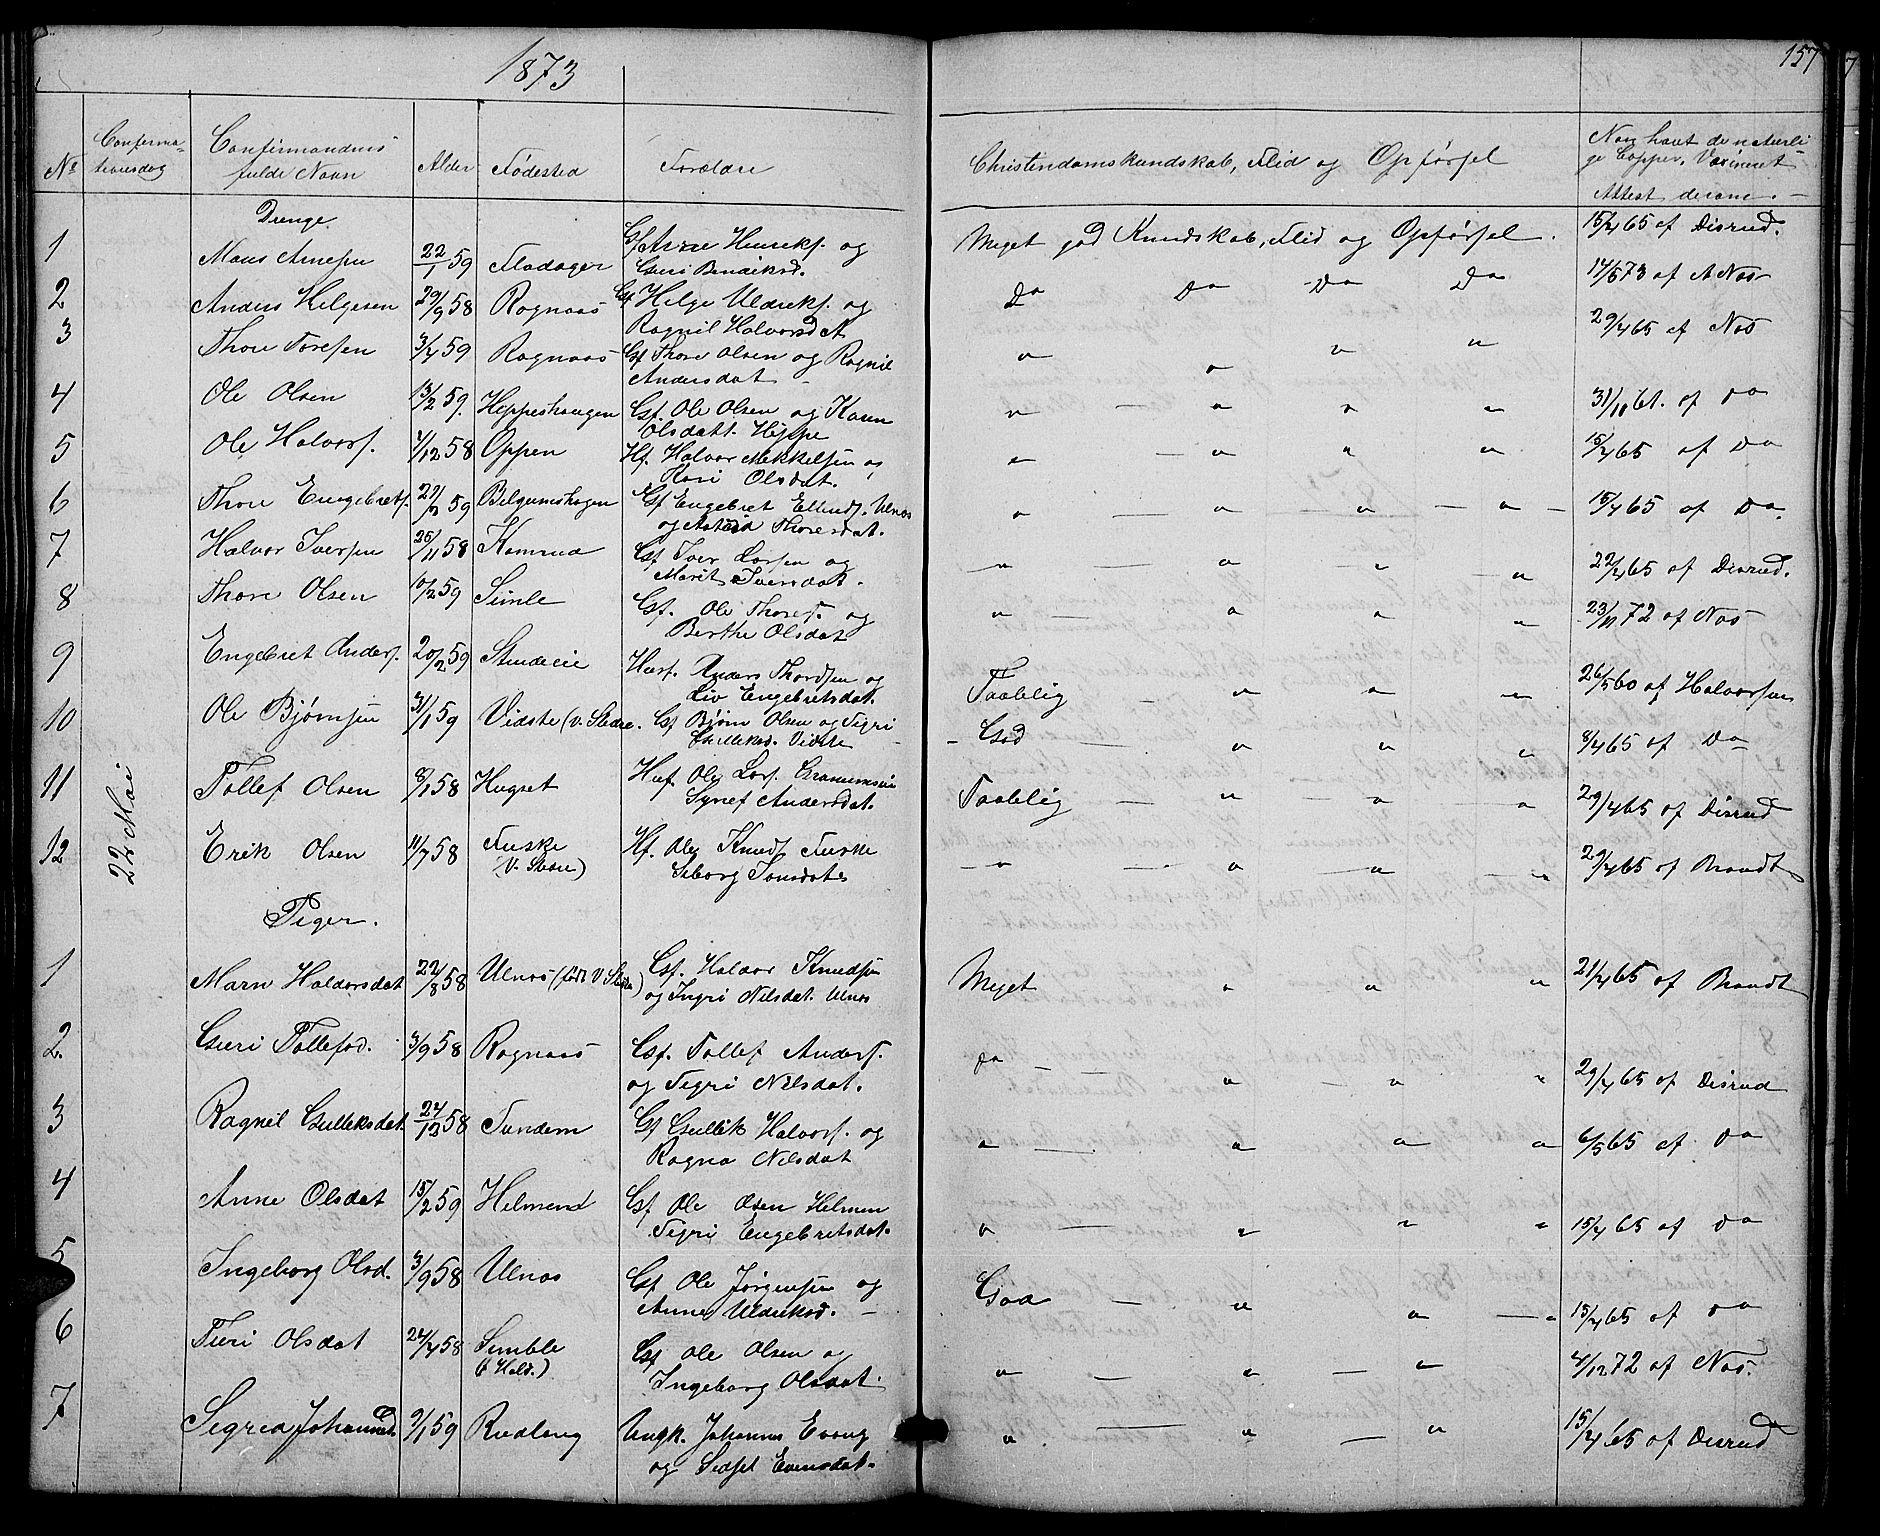 SAH, Nord-Aurdal prestekontor, Klokkerbok nr. 4, 1842-1882, s. 157